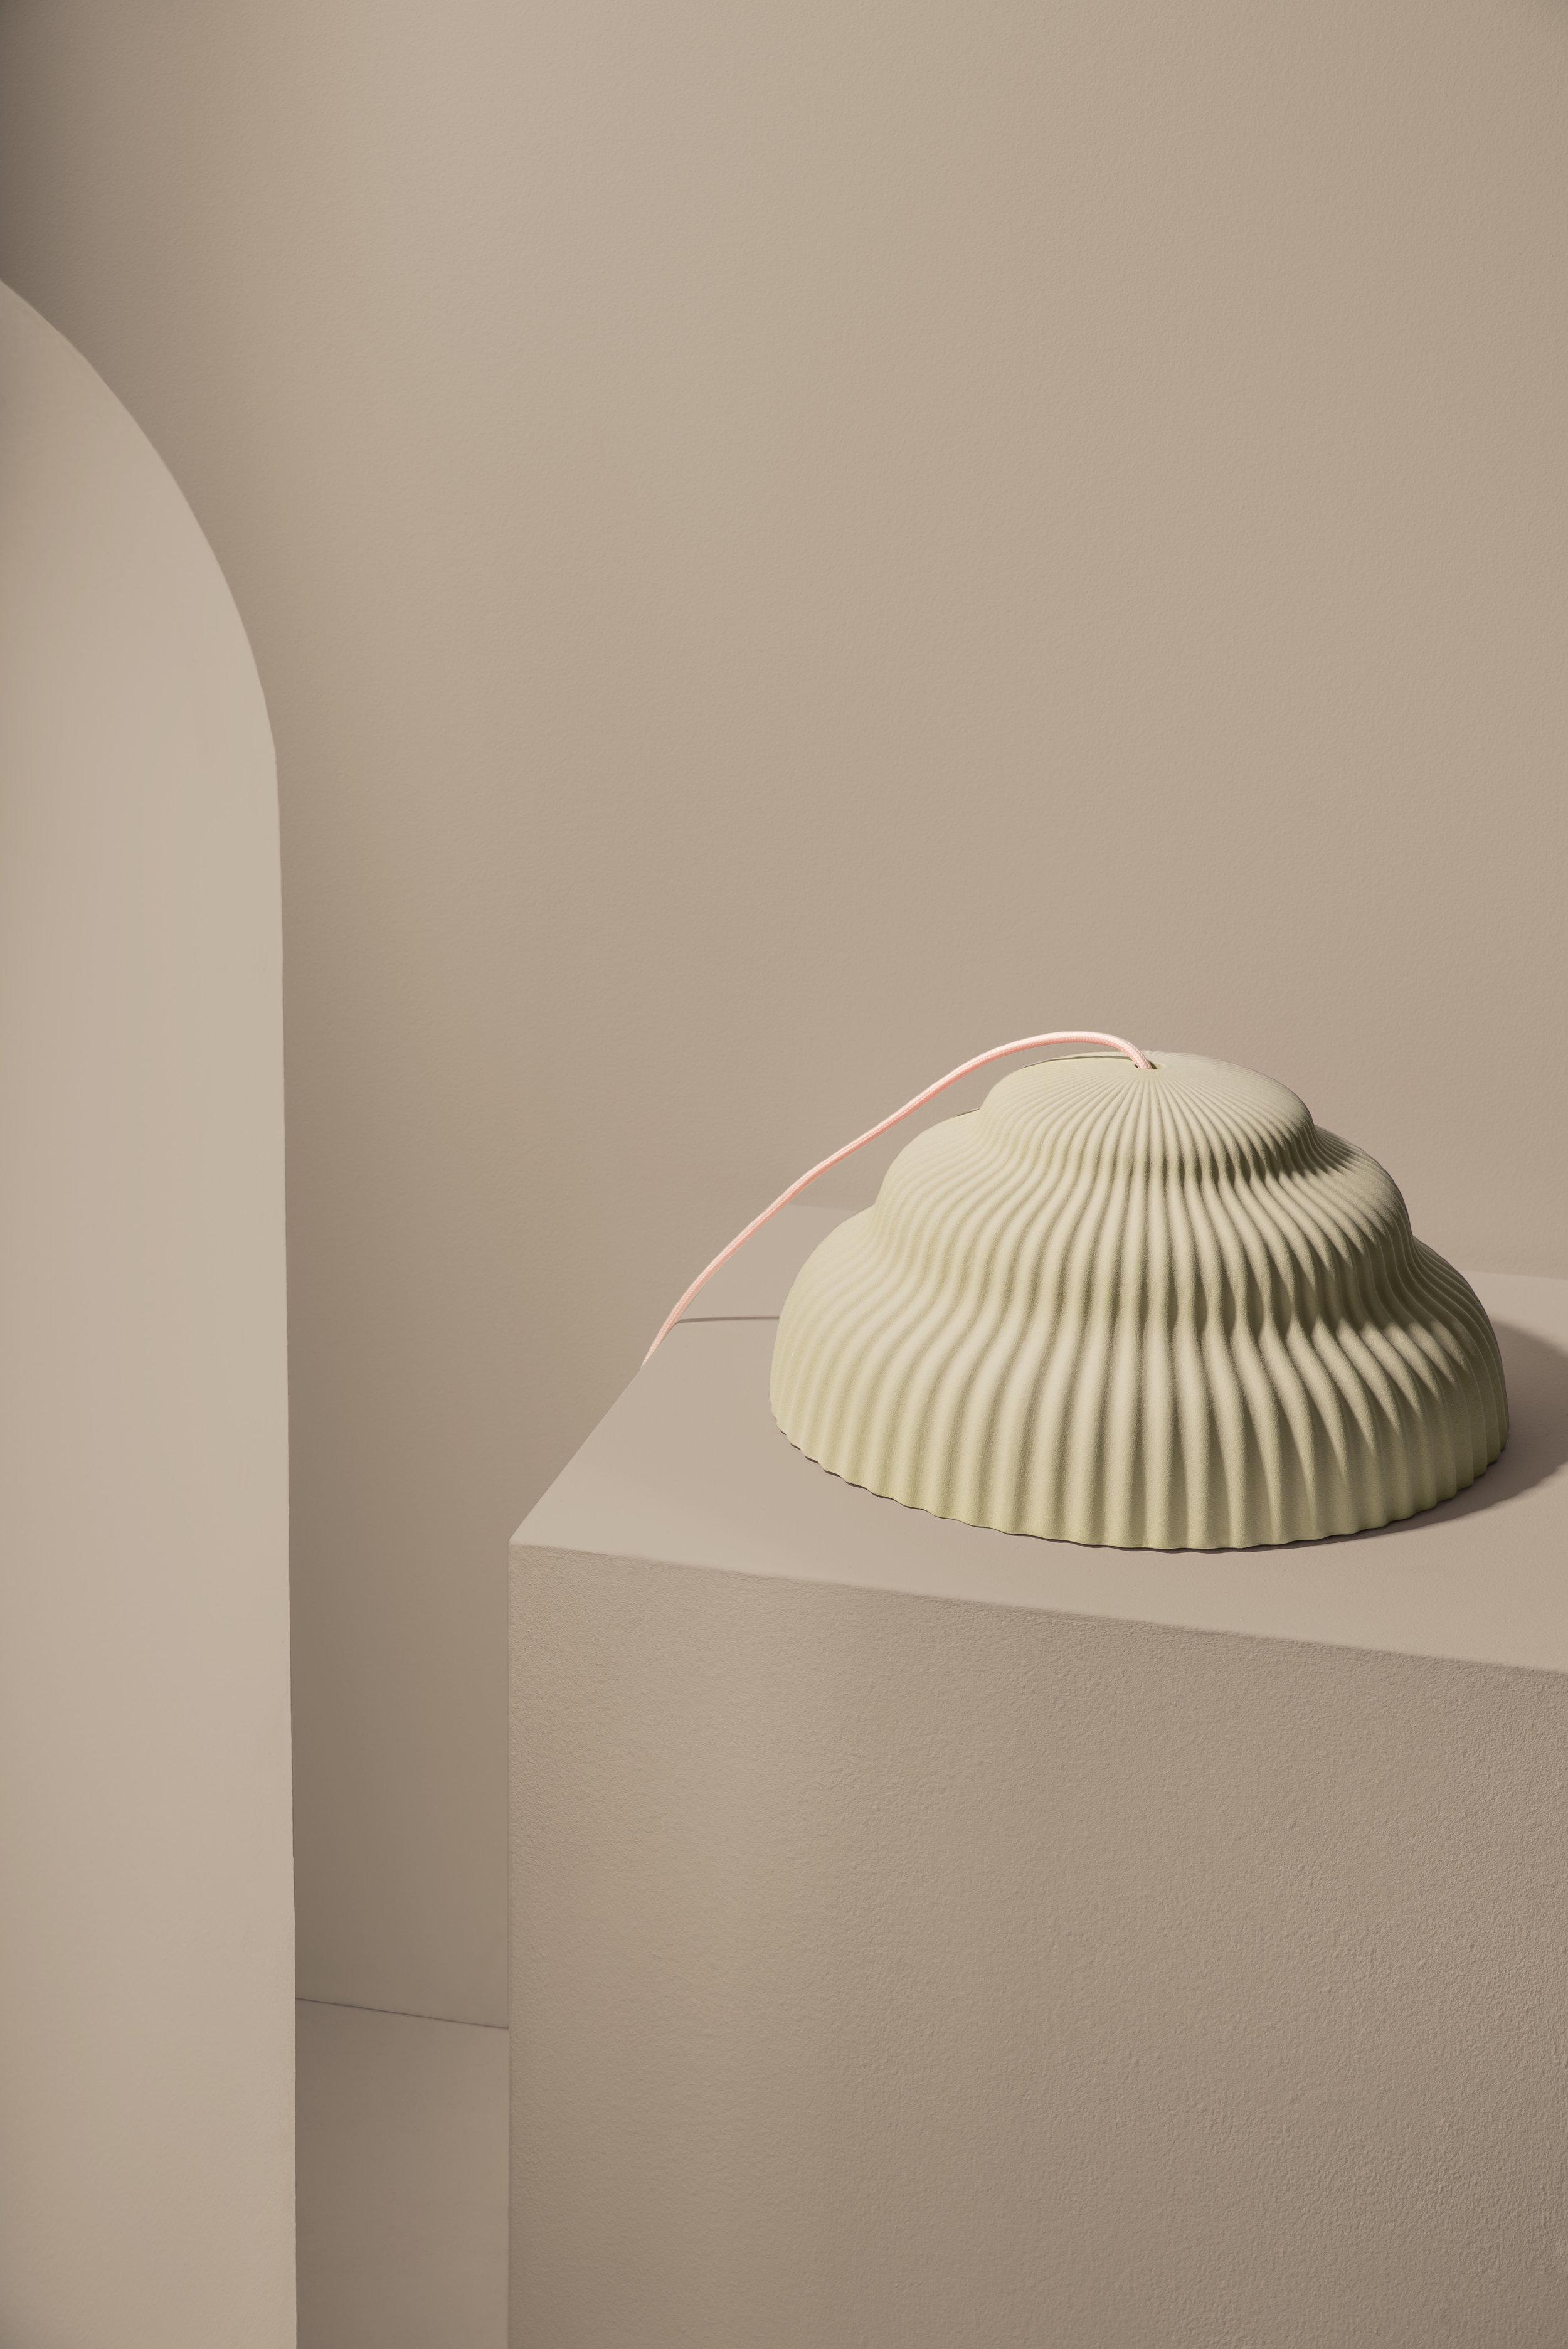 Kaskad lamp by Schneid Studio